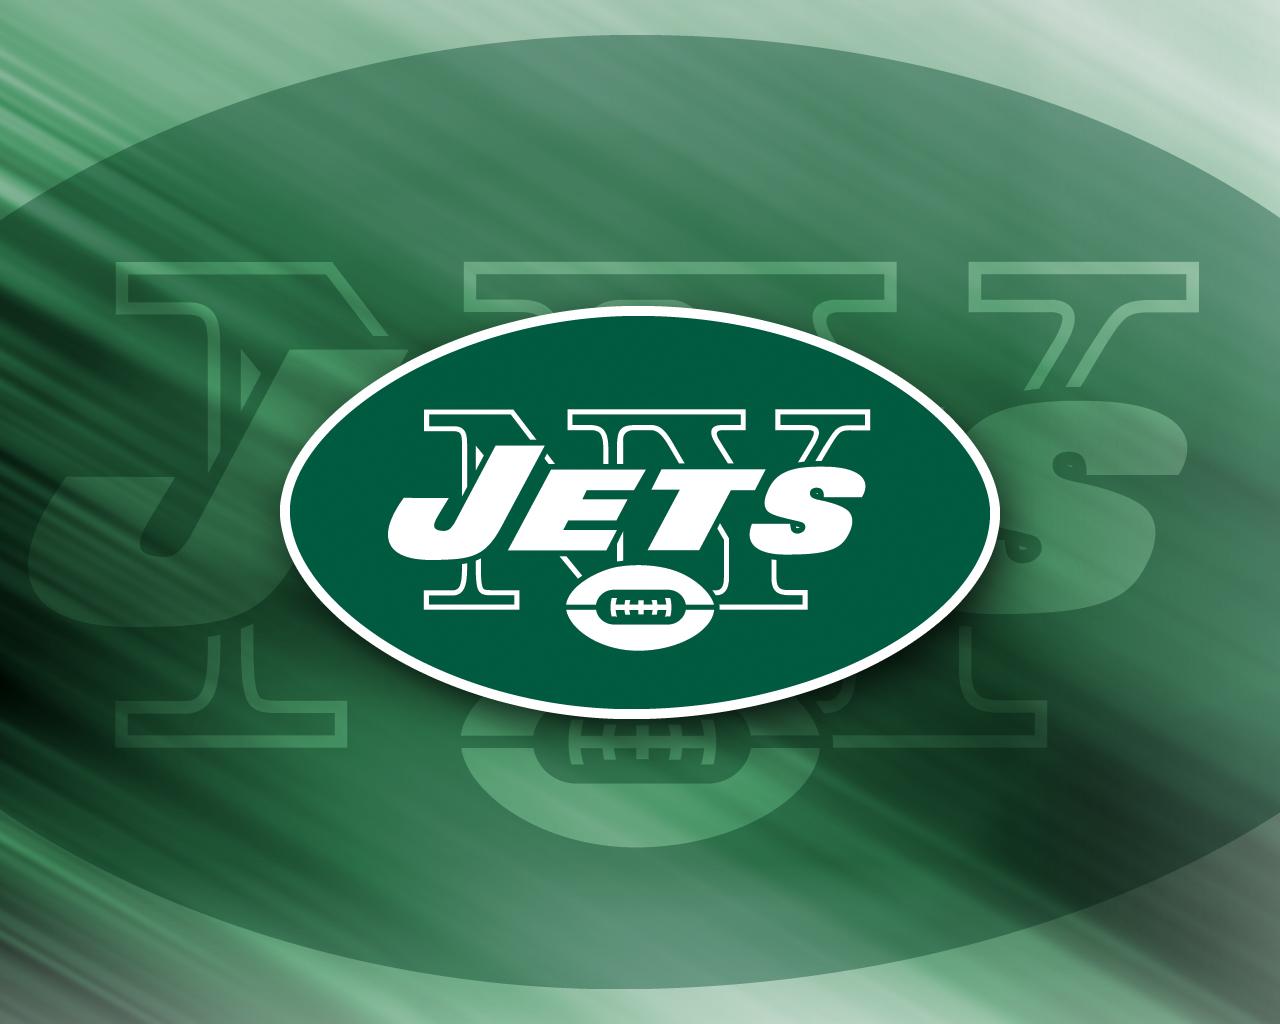 http://2.bp.blogspot.com/_xNWeEyLOGI0/TLwuR1tArcI/AAAAAAAABNk/g6SQg6hmLDg/s1600/NFL_new_york_jets_1.jpg